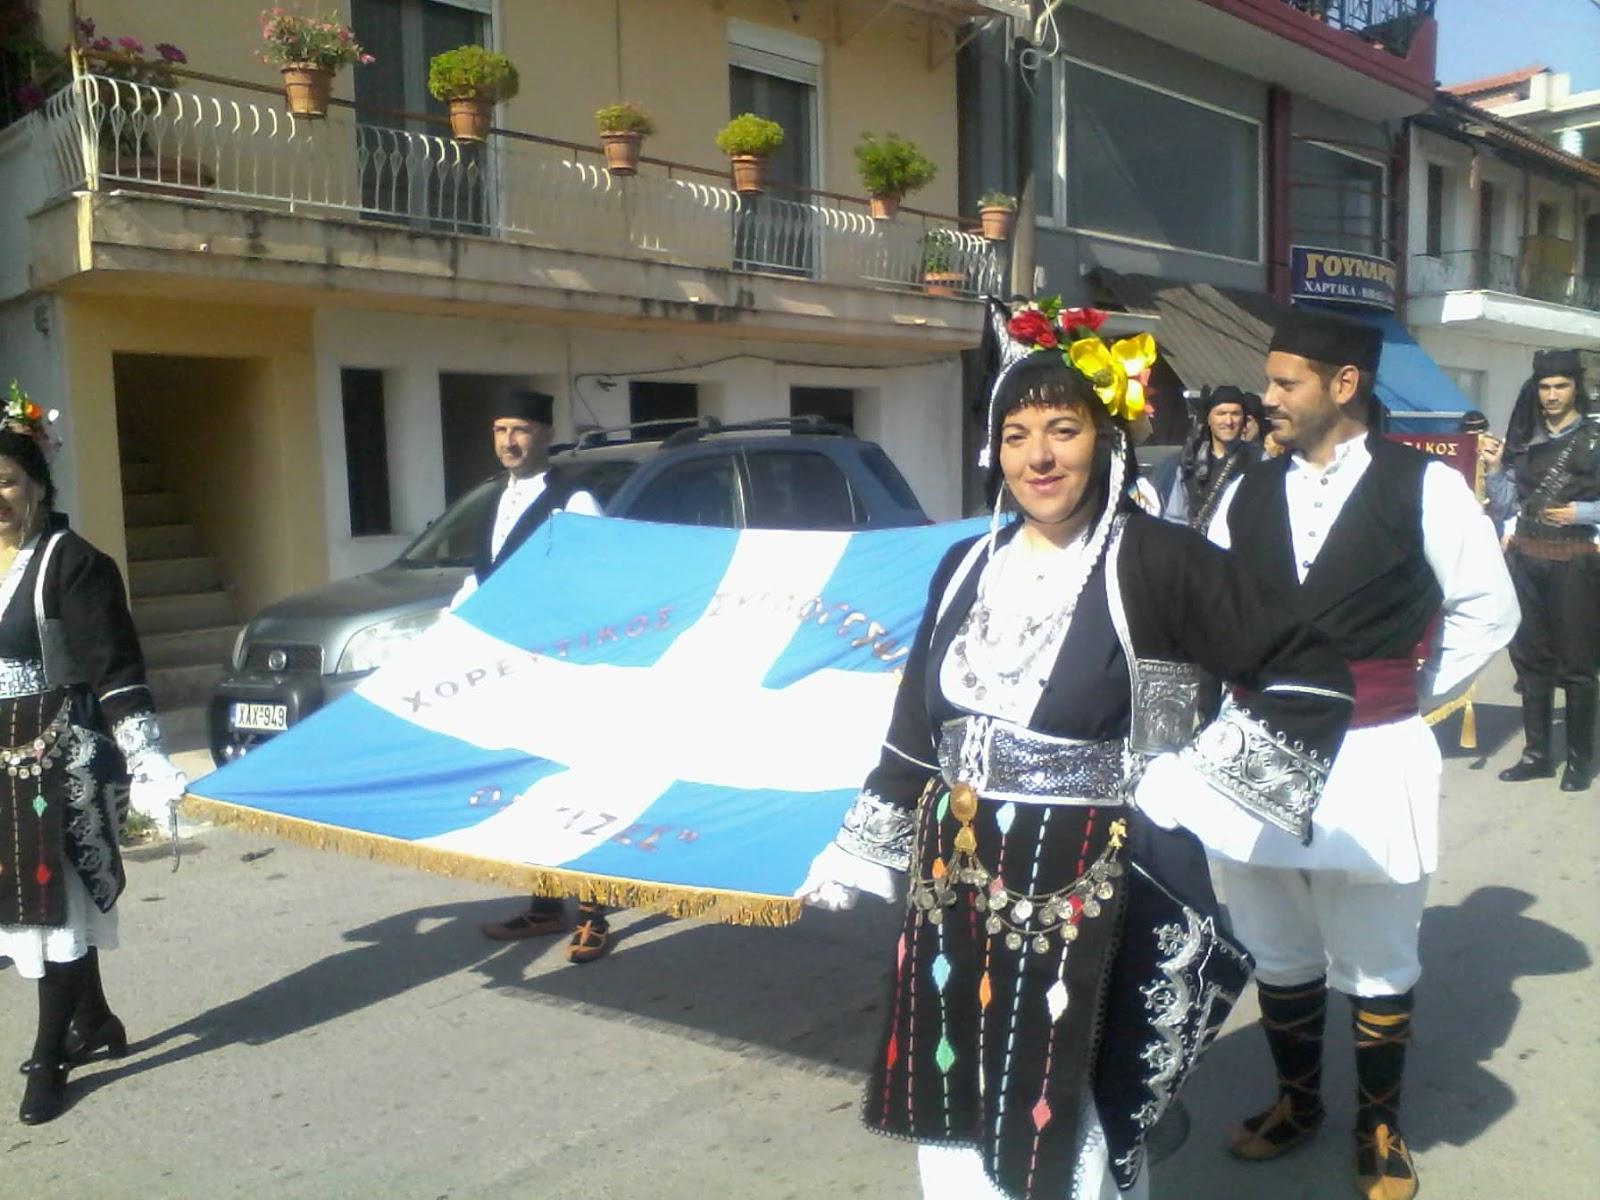 Η παρέλαση της 28ης Οκτωβρίου σε Καστέλλα και Ψαχνά (φωτό) 73372267 449177952376051 8191228298261430272 n